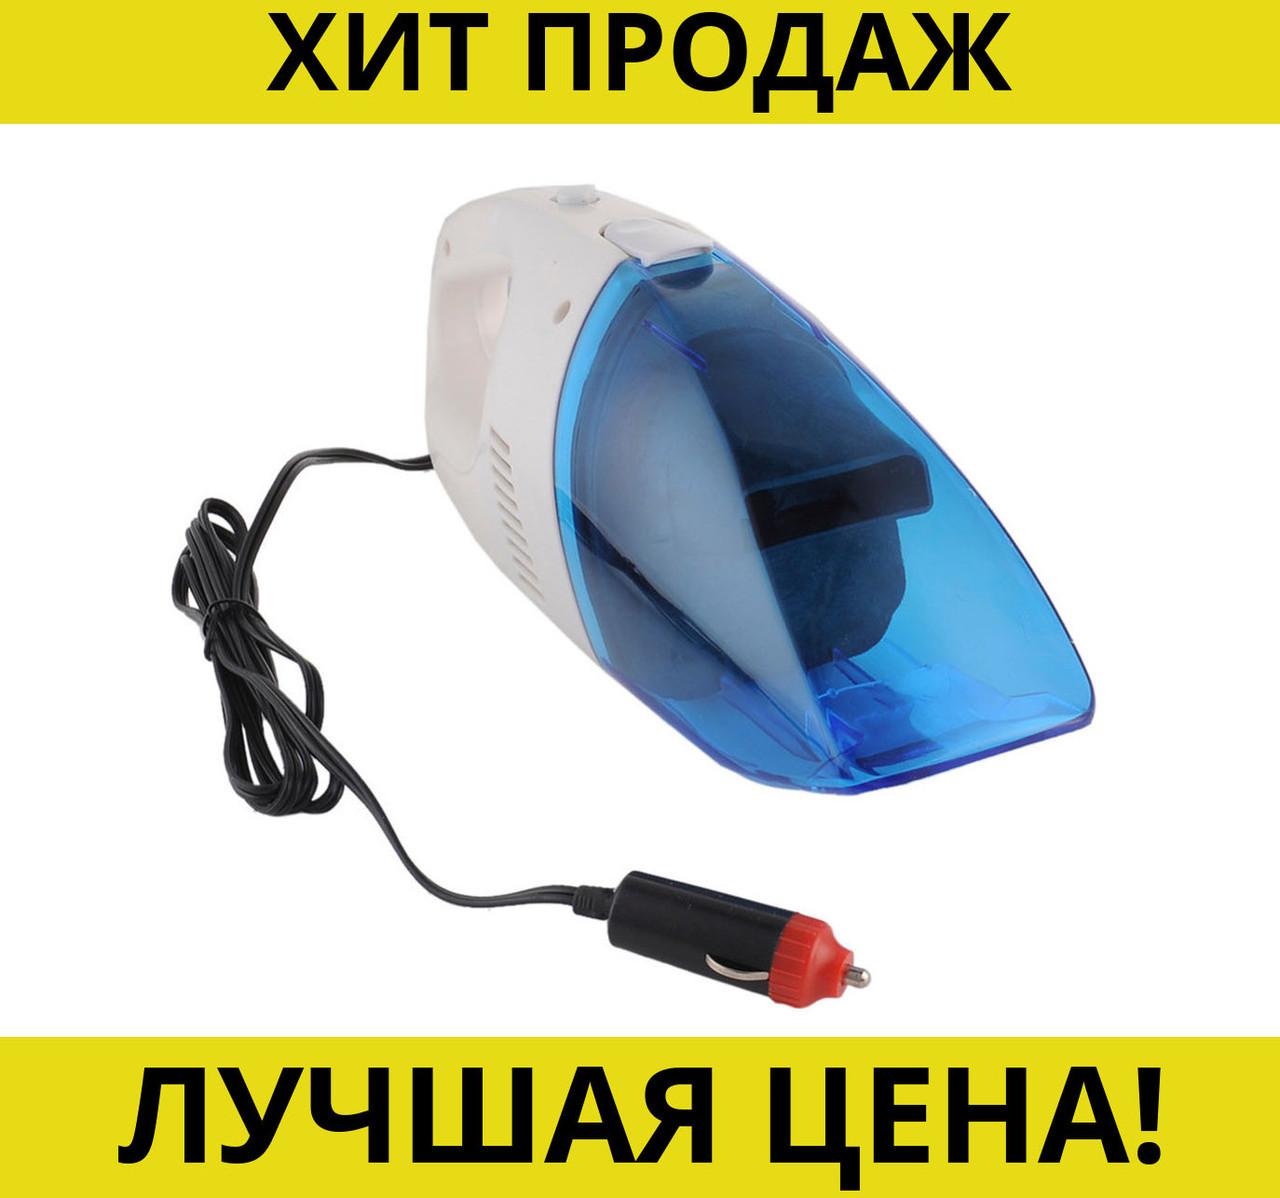 Вакуумный автомобильный пылесос Vacuum Cleaner!Хит цена